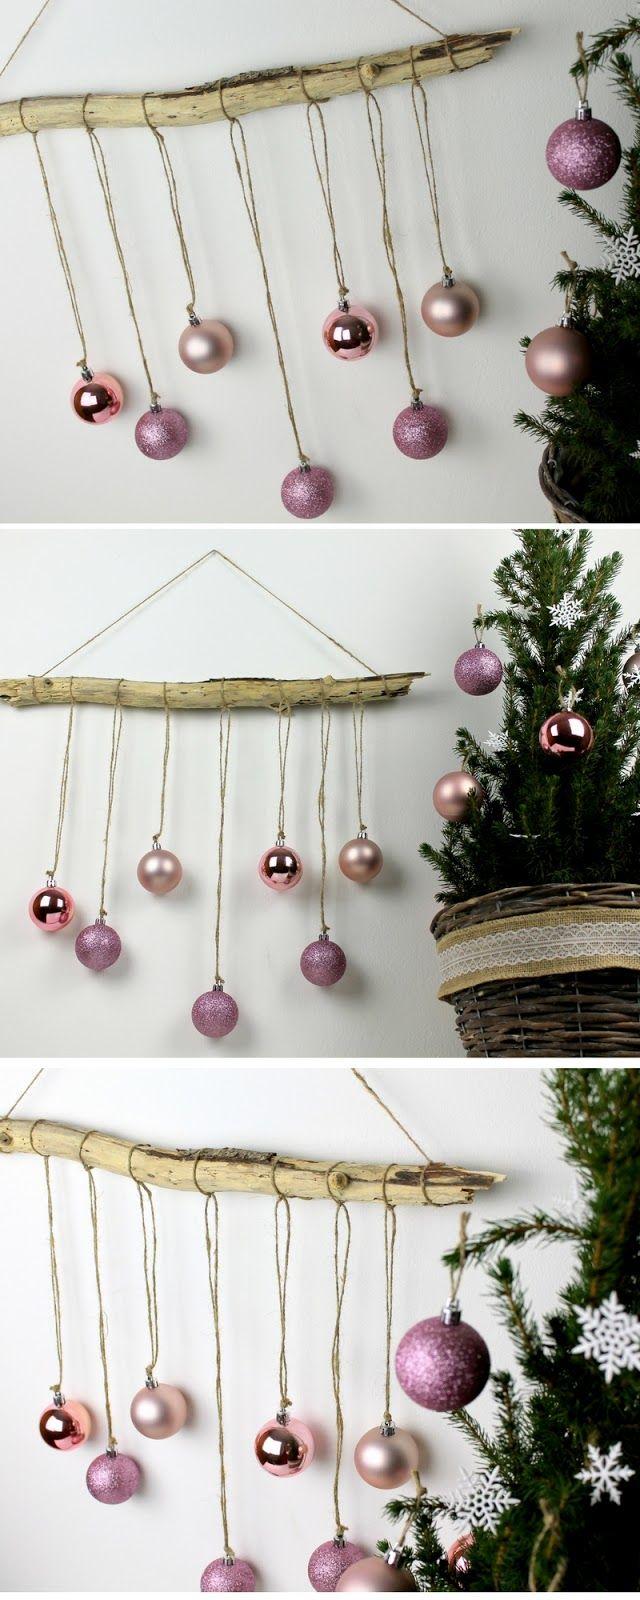 Winterdeko Selber Machen Best Of ☆ Diy Ausgefallene Weihnachtliche Wanddekoration Aus